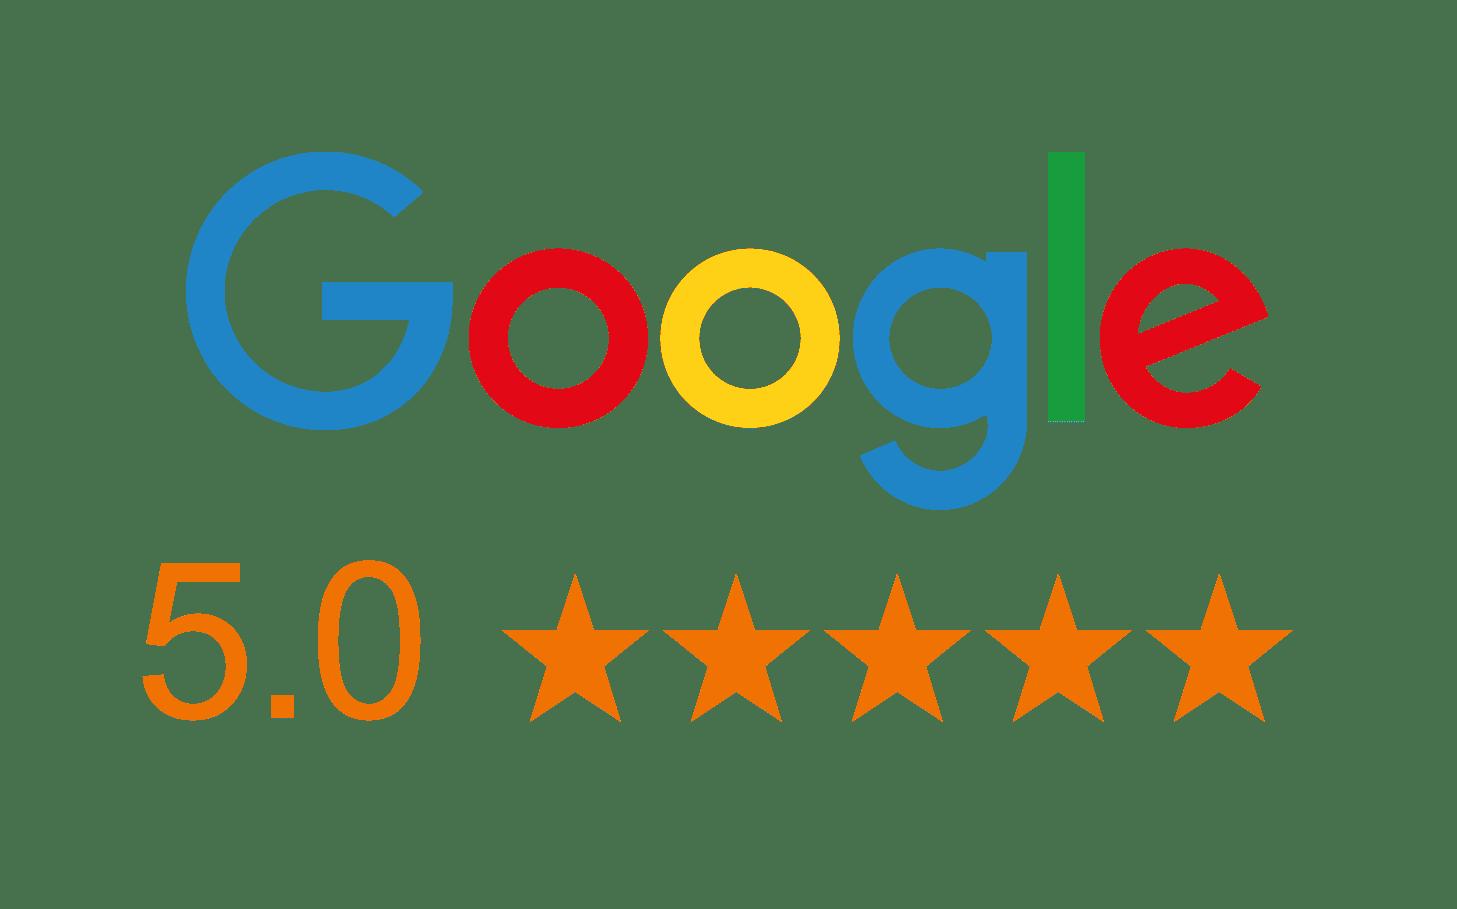 meerpuntssluiting 5 sterren google